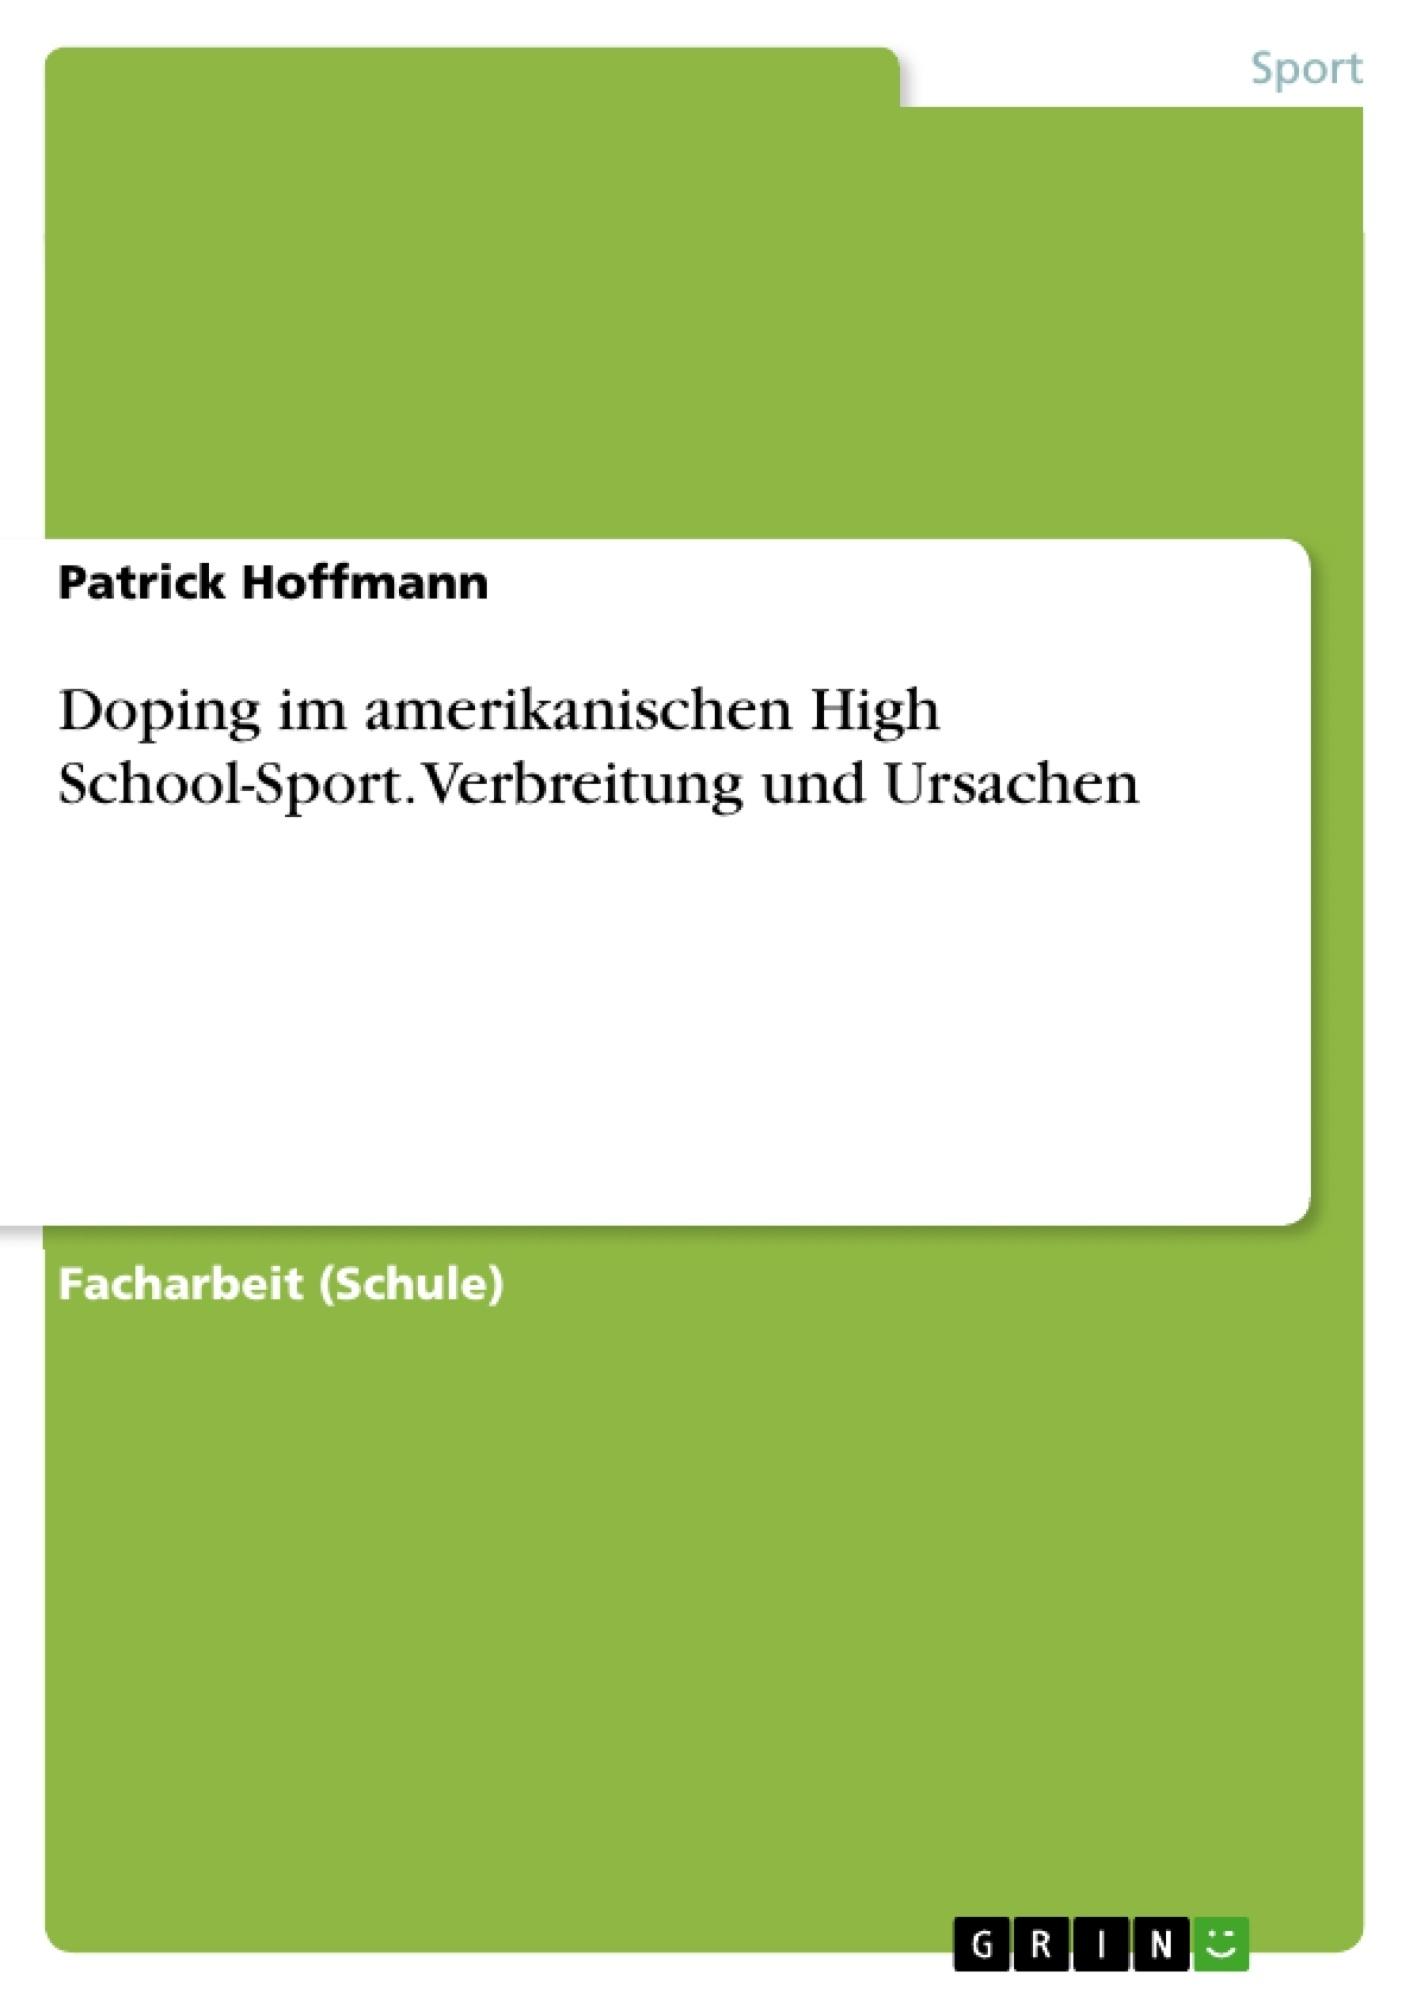 Titel: Doping im amerikanischen High School-Sport. Verbreitung und Ursachen